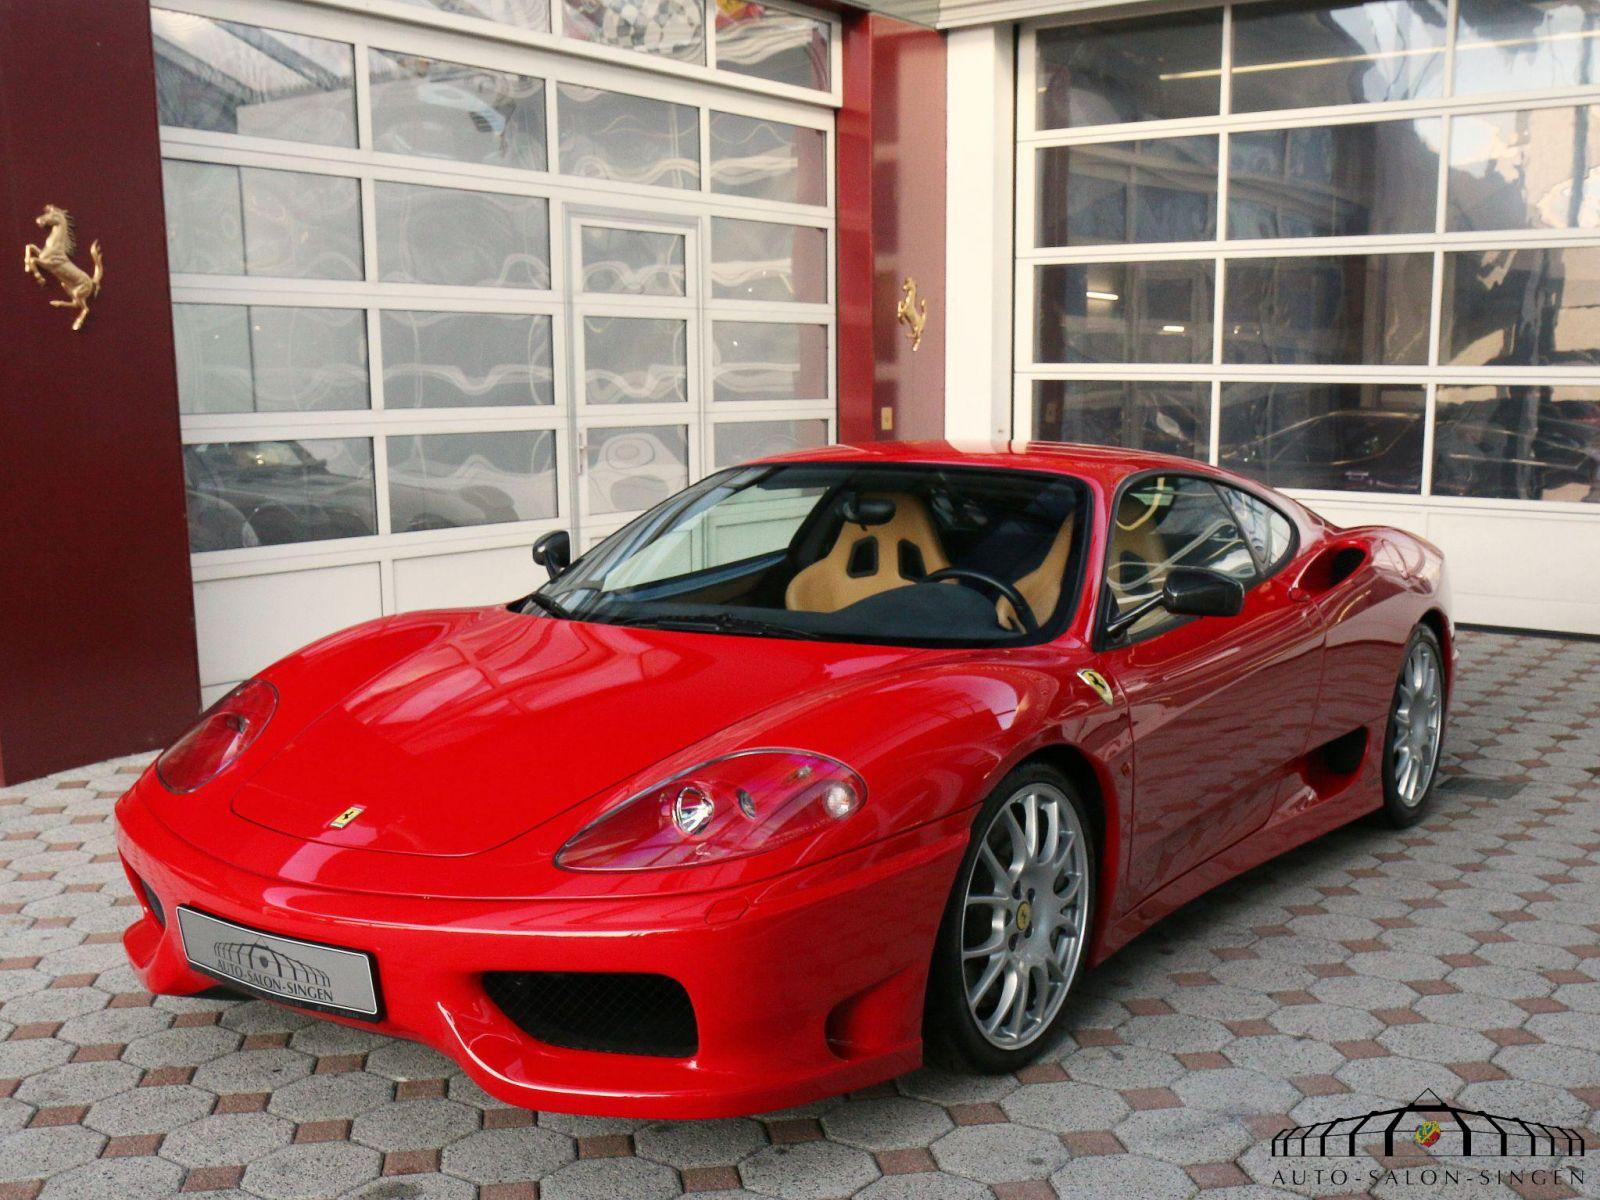 Ferrari 360 Challenge Stradale Coupé Auto Salon Singen